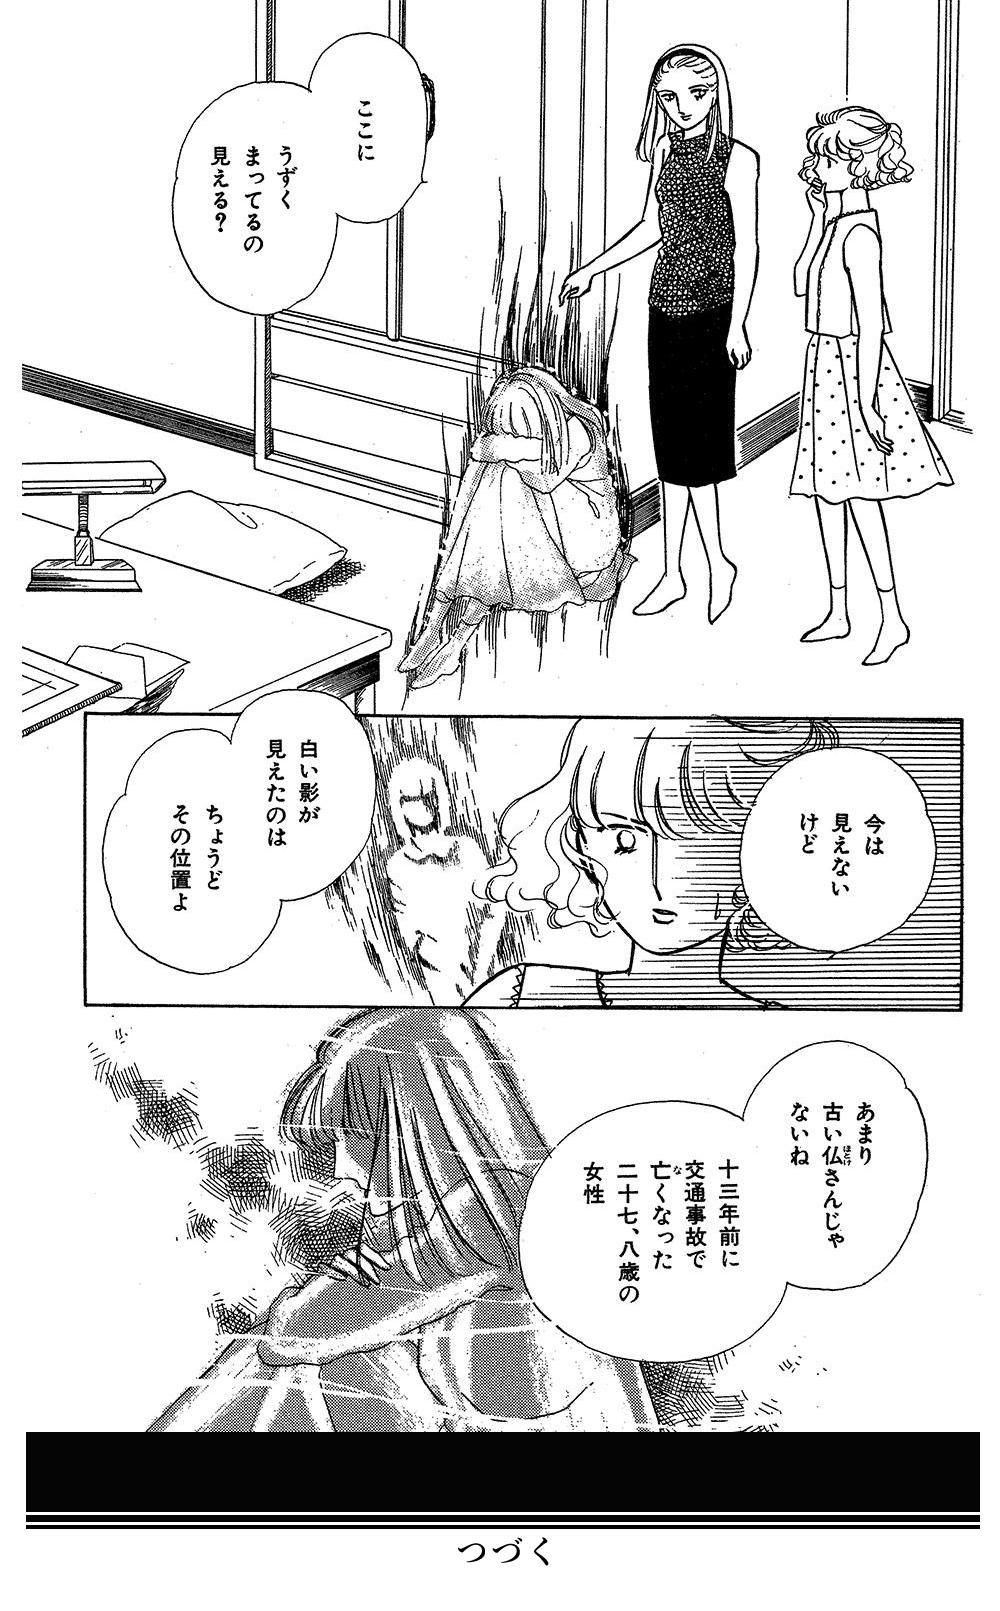 魔百合の恐怖報告 第1話「部屋の隅の白い影」②mayuri-more.jpg